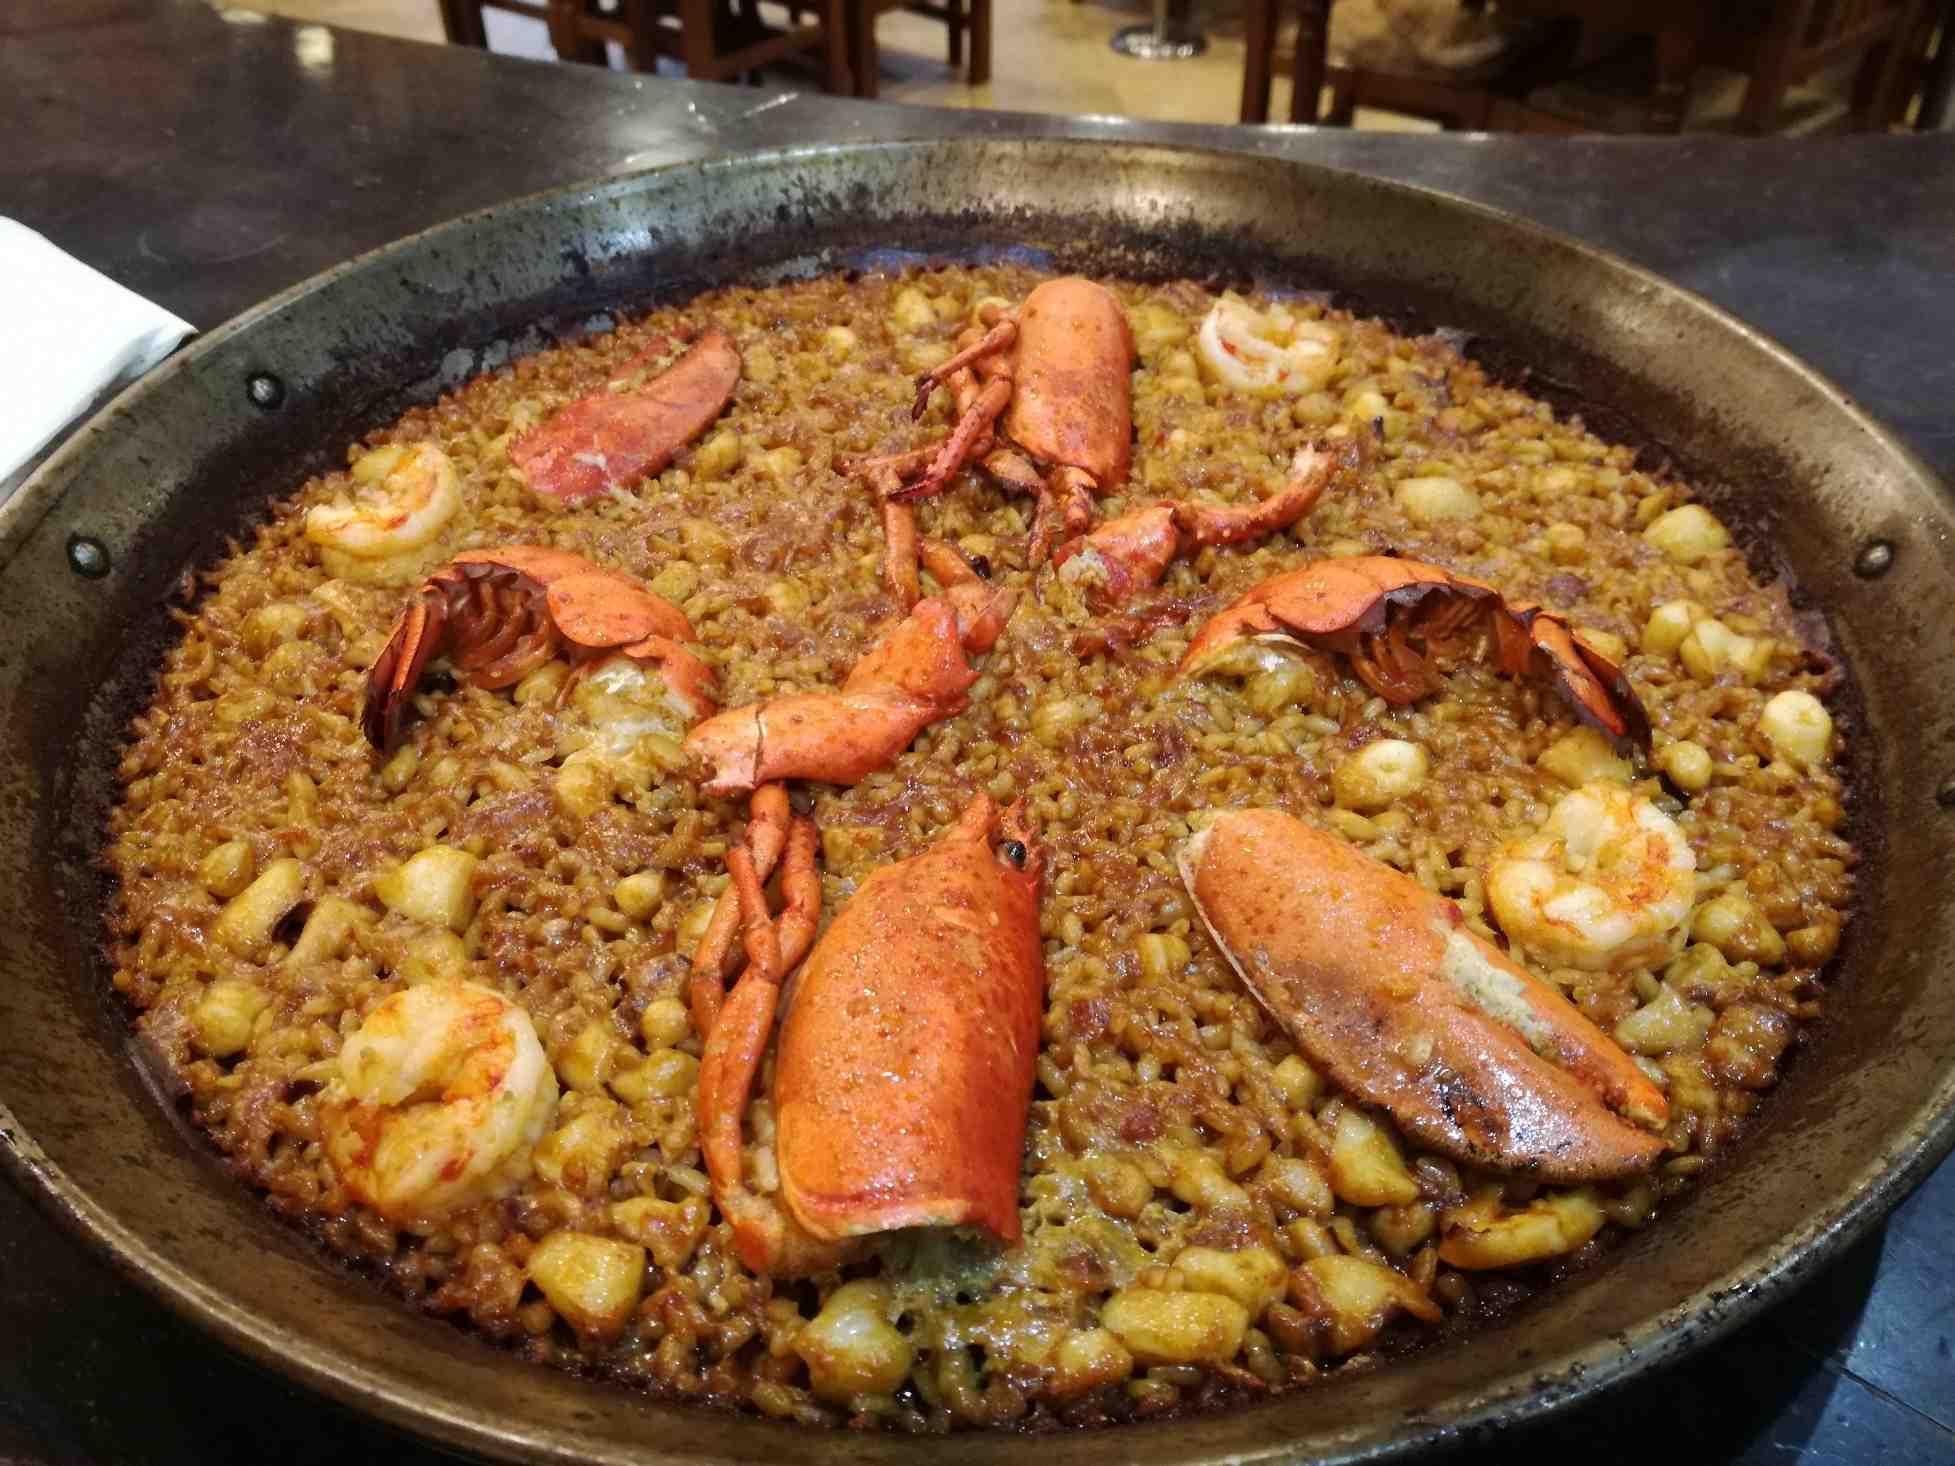 restaurante-marisqueria-valencia-islas-canarias-puerto-ciudad-artes-ciencias-paella-bogavante-2